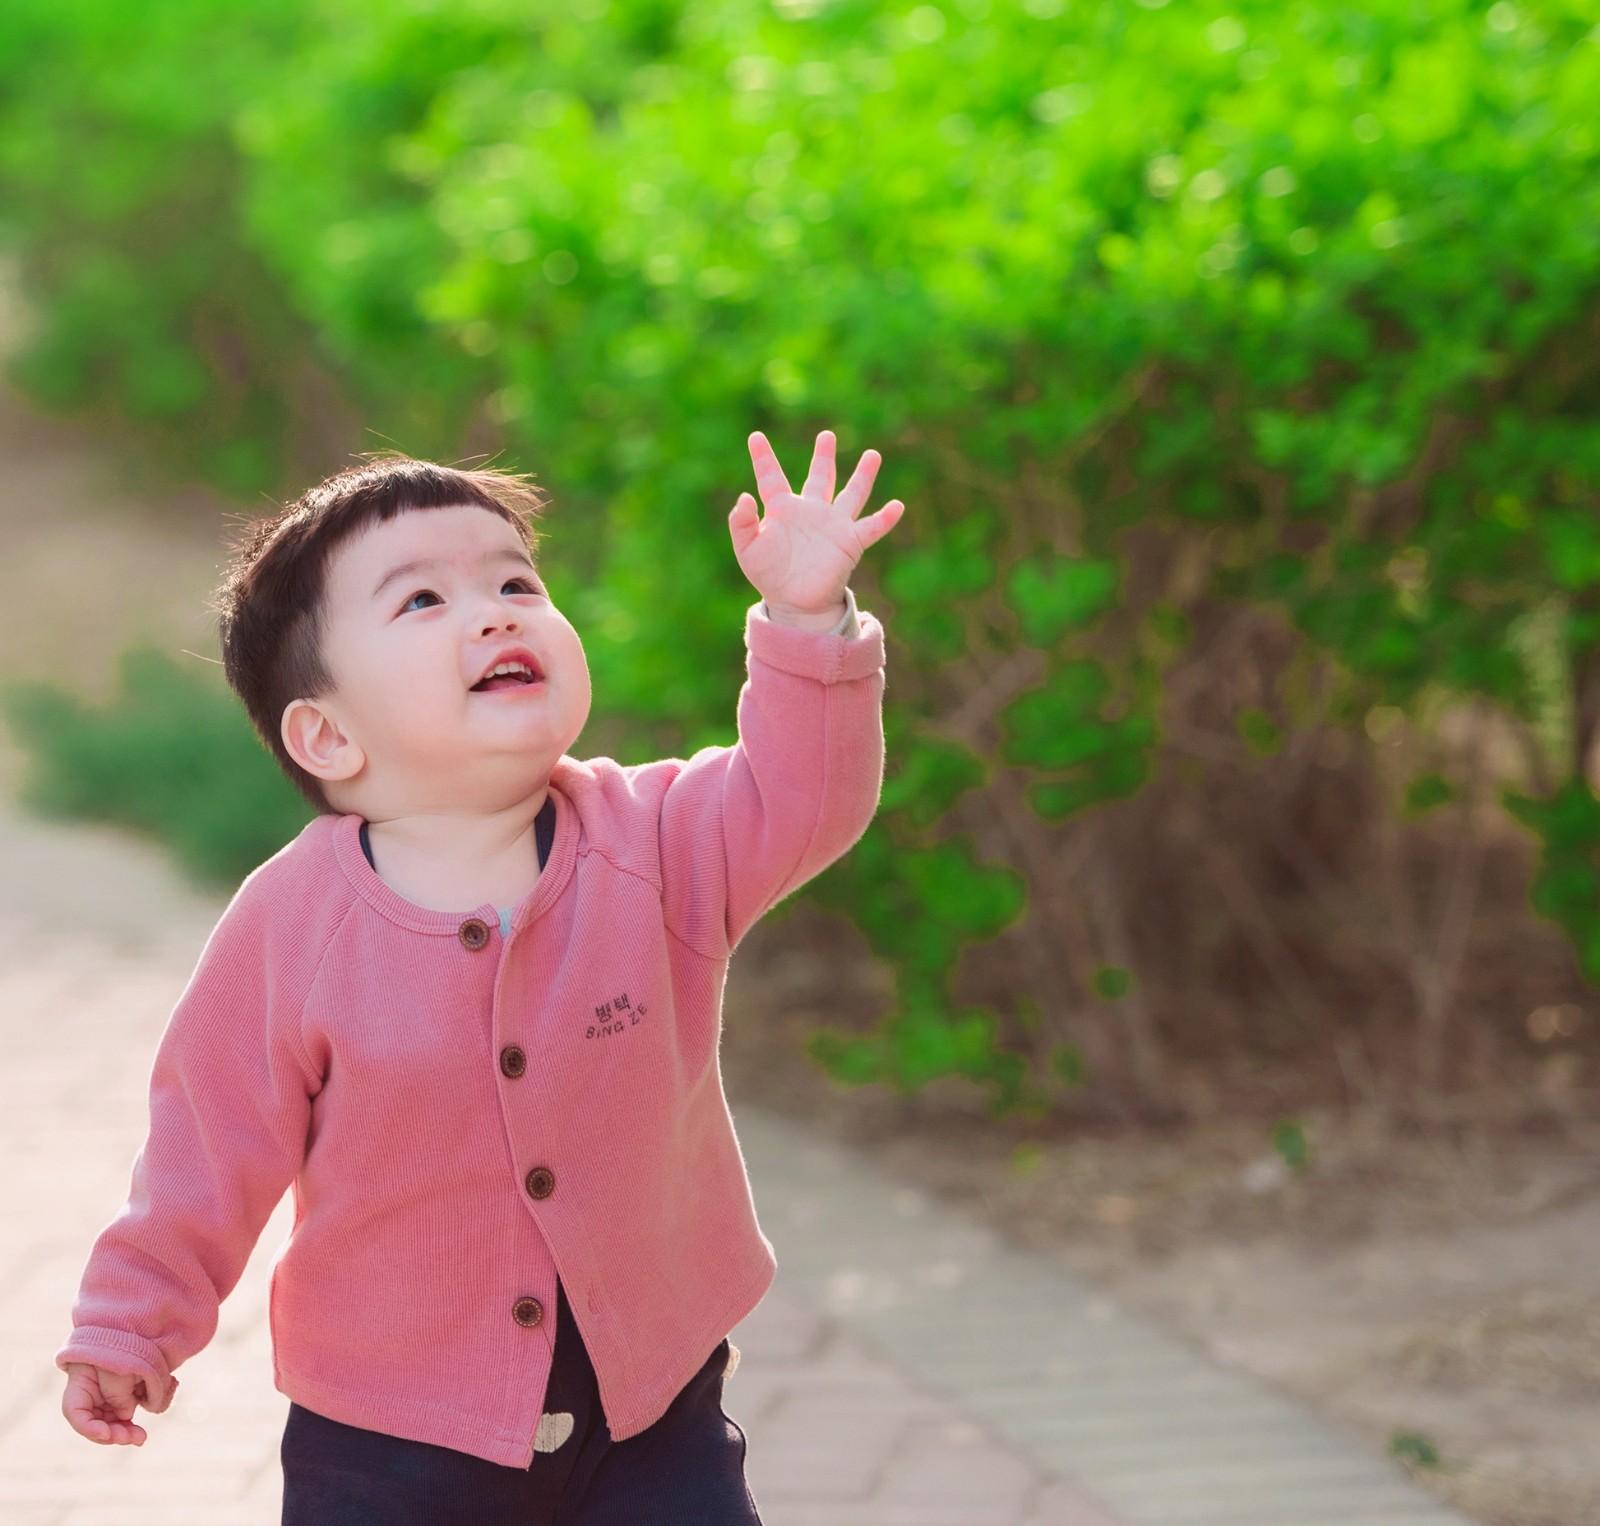 河北-雨荷 《快乐葡萄》 Nikon.jpg